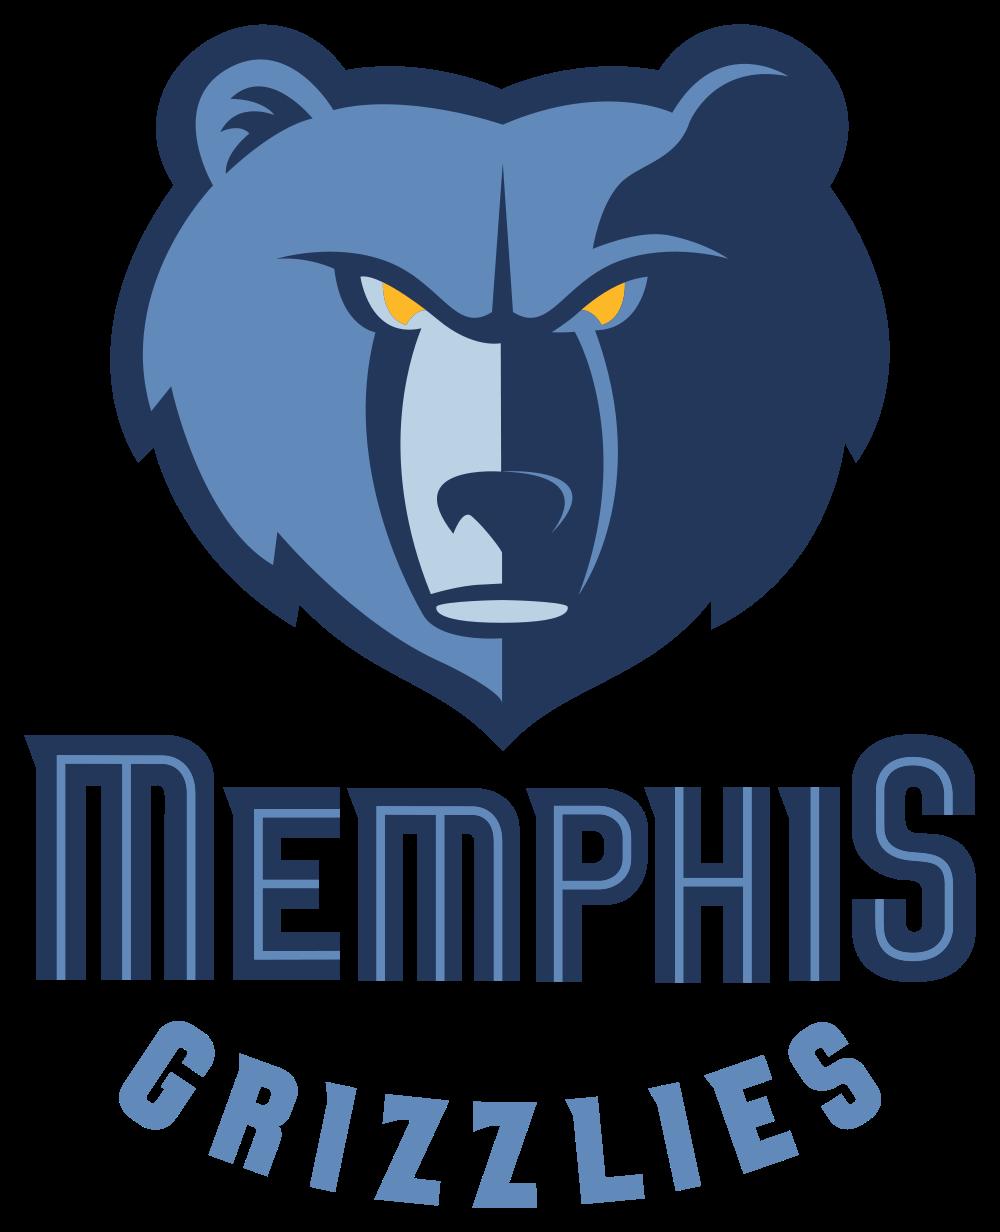 Memphis_Grizzlies_logo.png